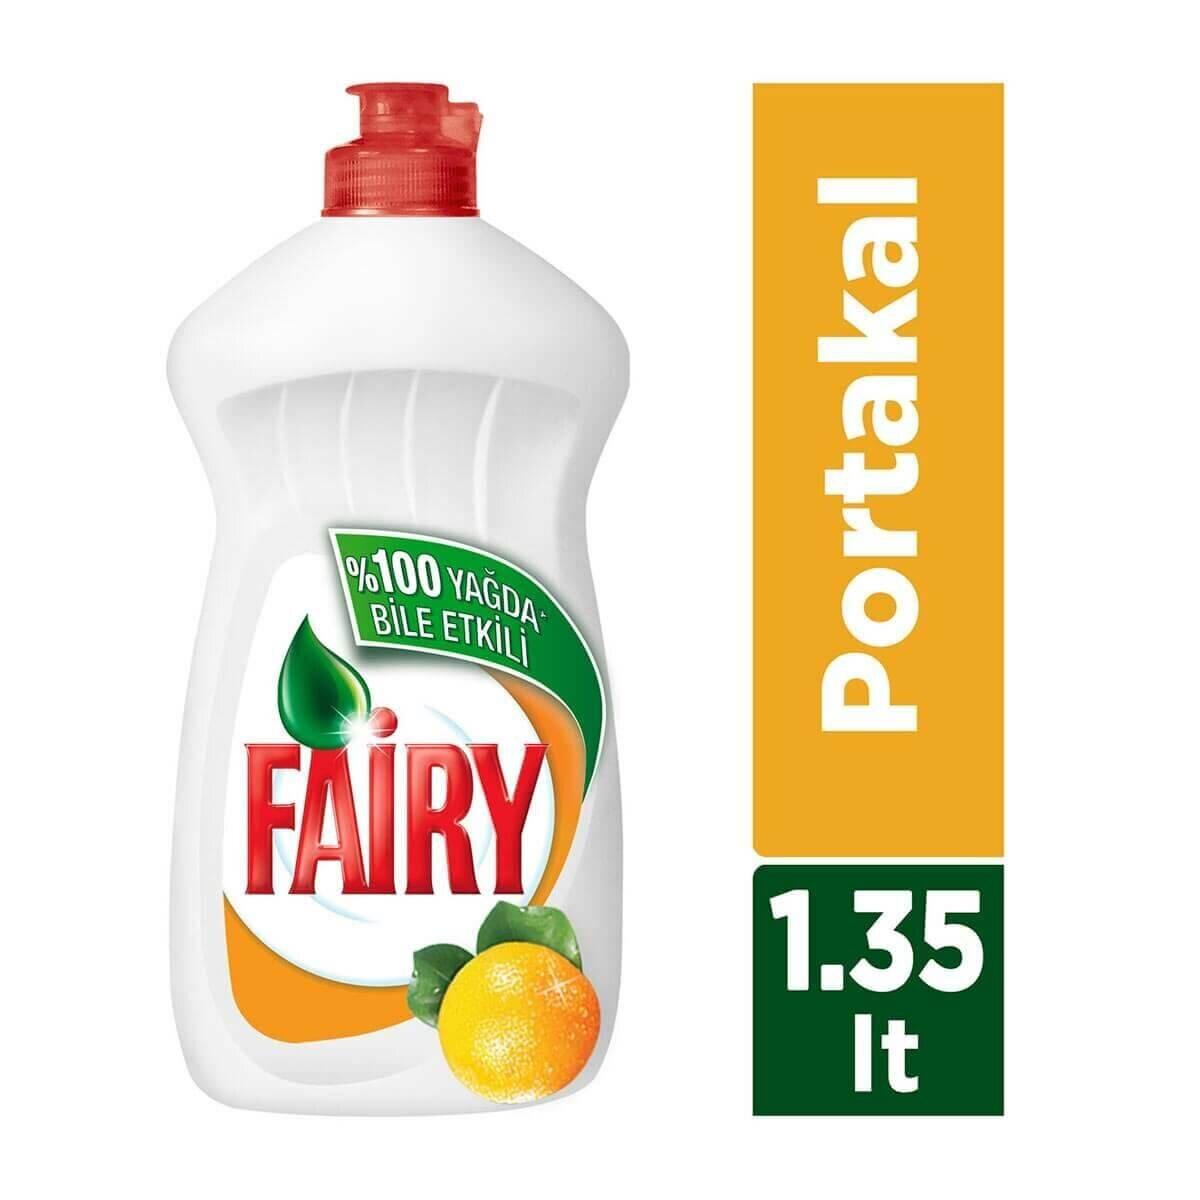 Portakal Sıvı Bulaşık Deterjanı 1350ml